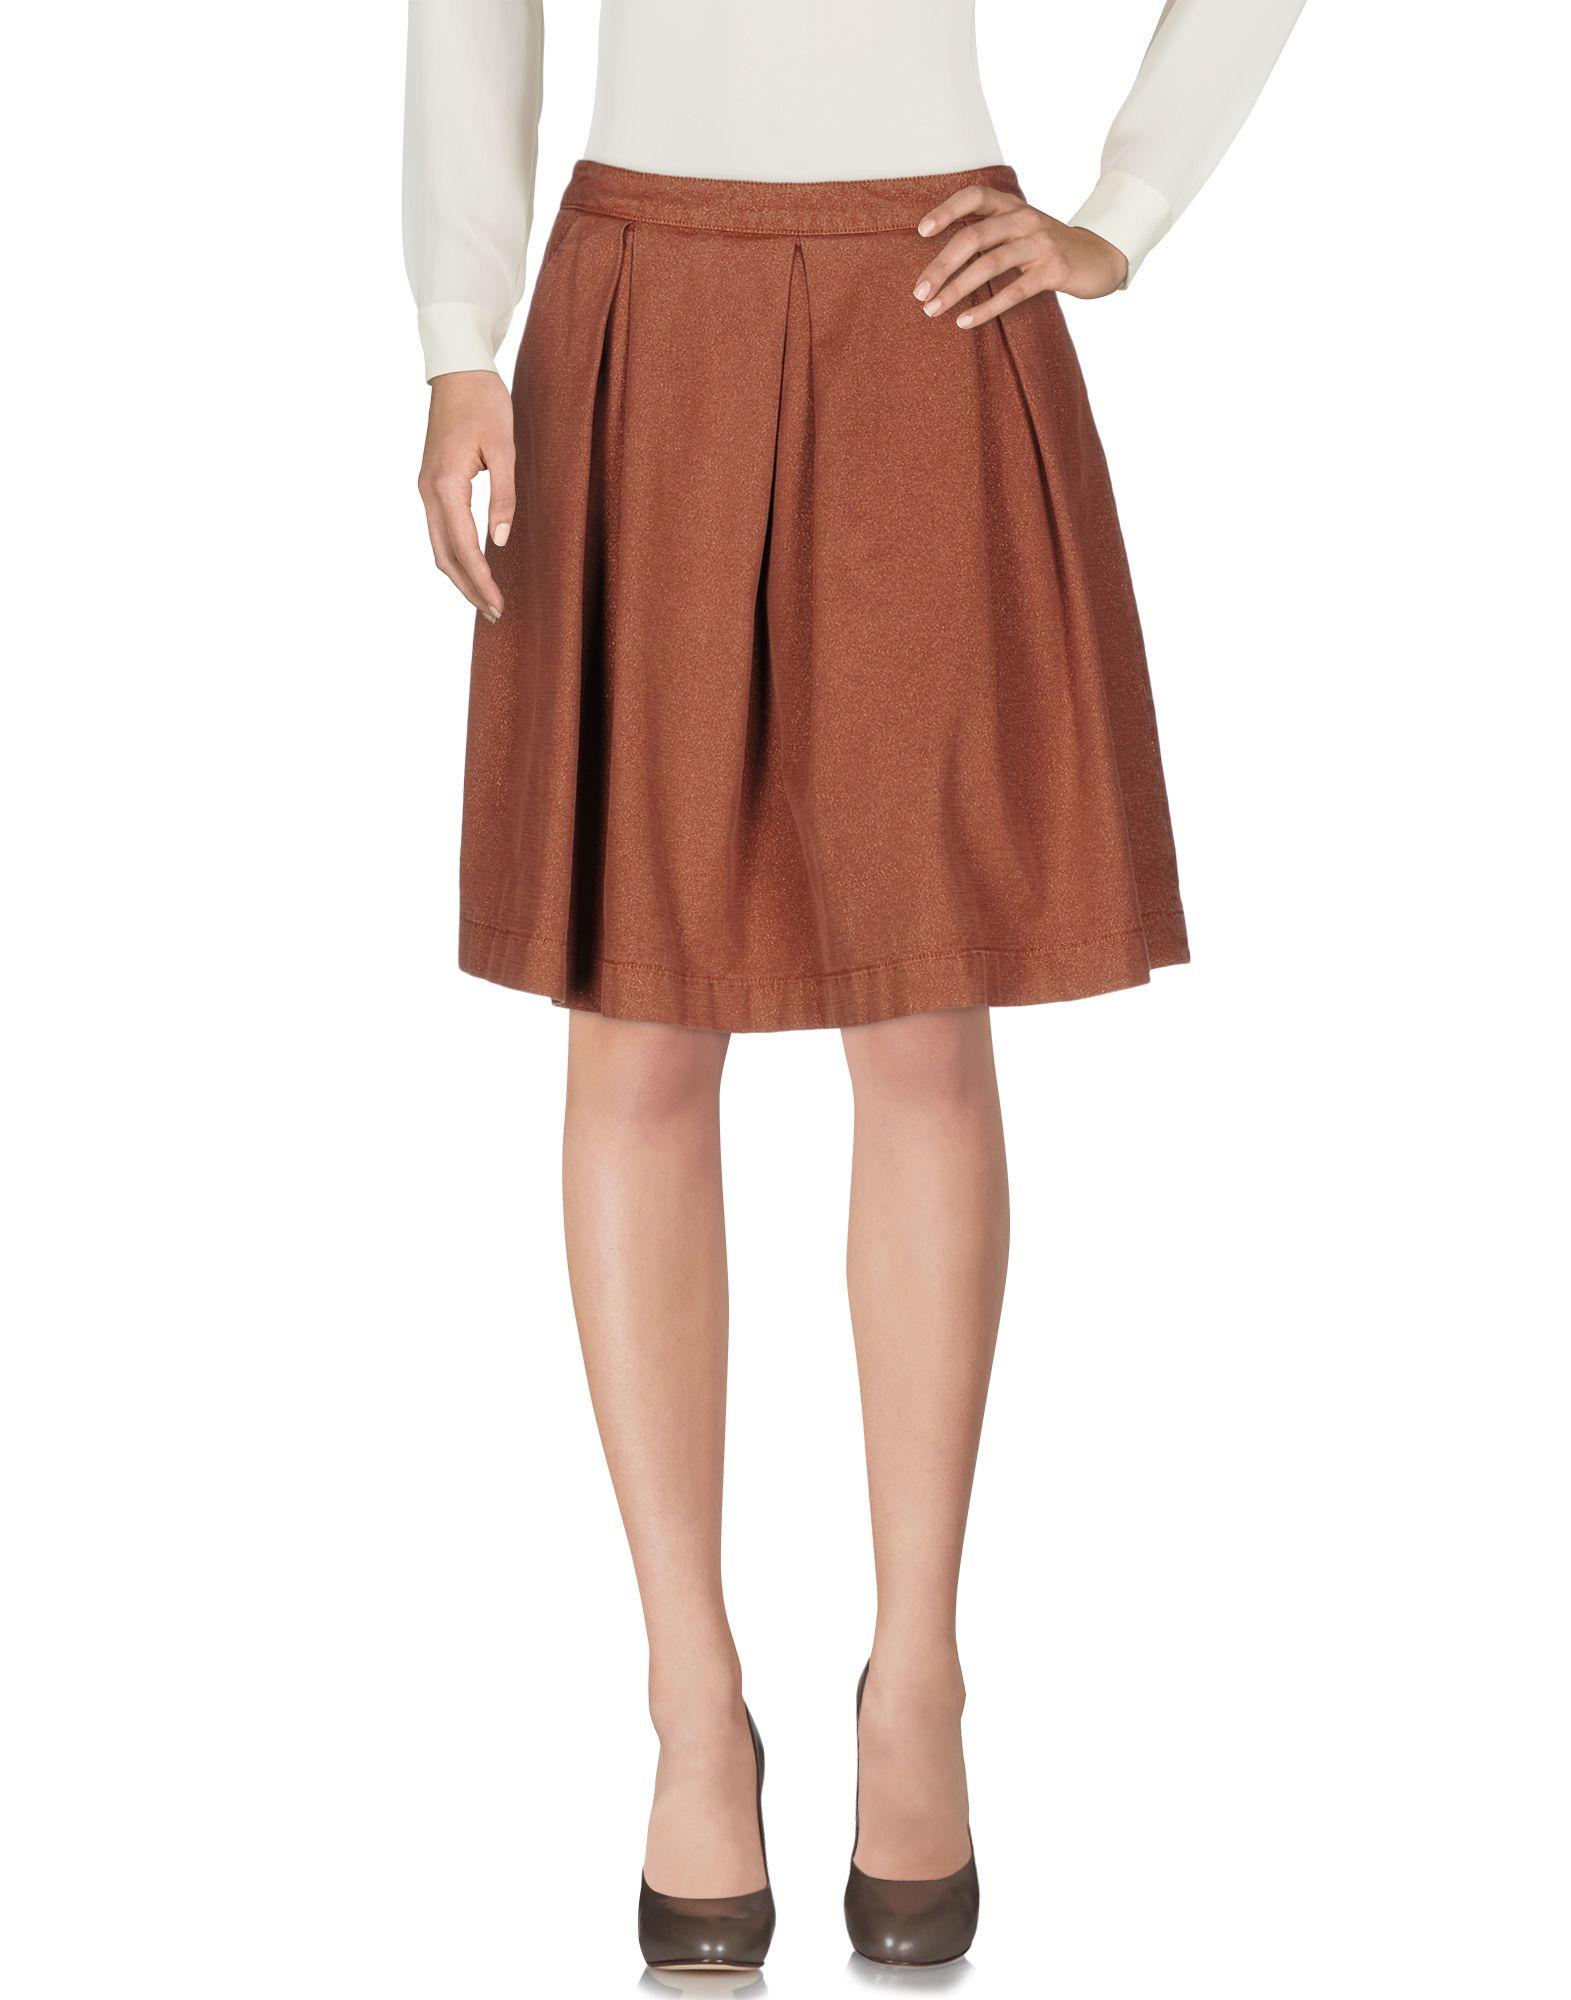 《送料無料》MONOCROM レディース ひざ丈スカート カーキ 42 92% コットン 5% ポリエステル 3% ポリウレタン